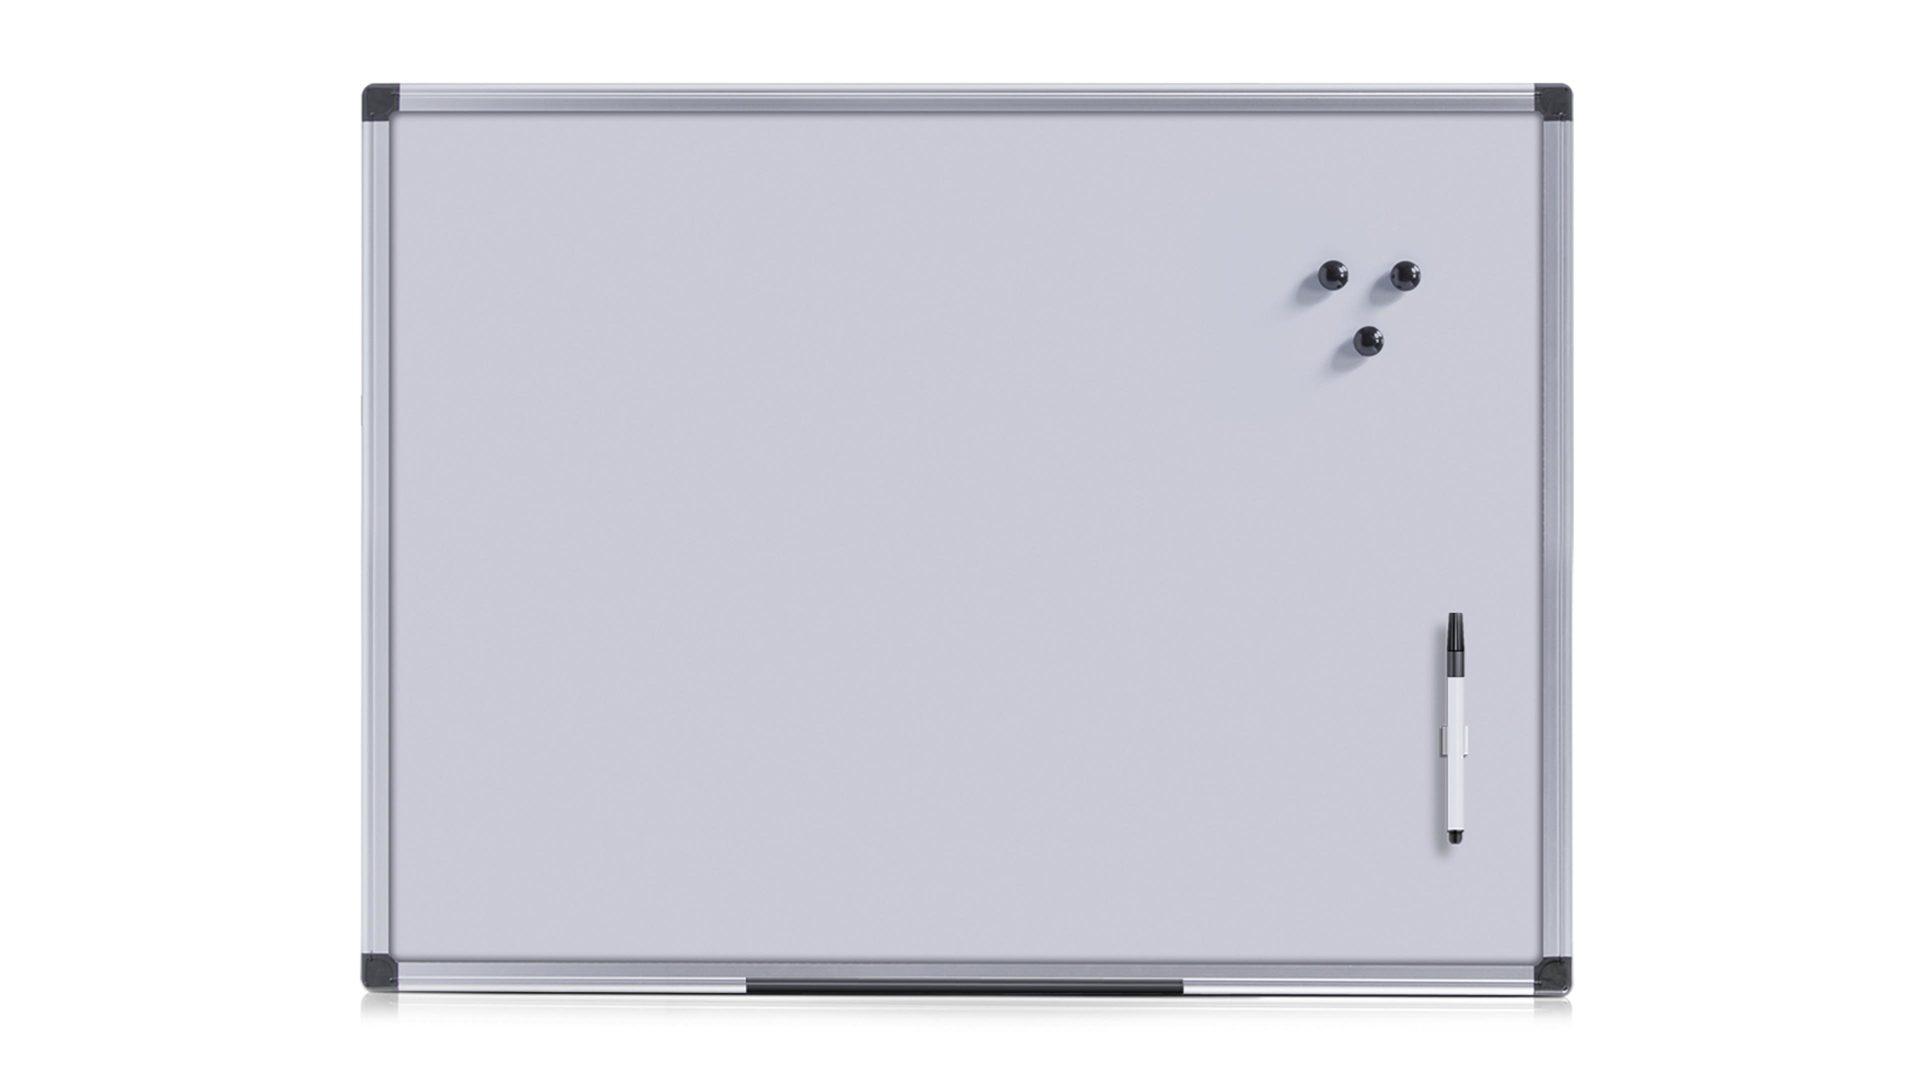 Das Design dieser Magnetwand ist au...